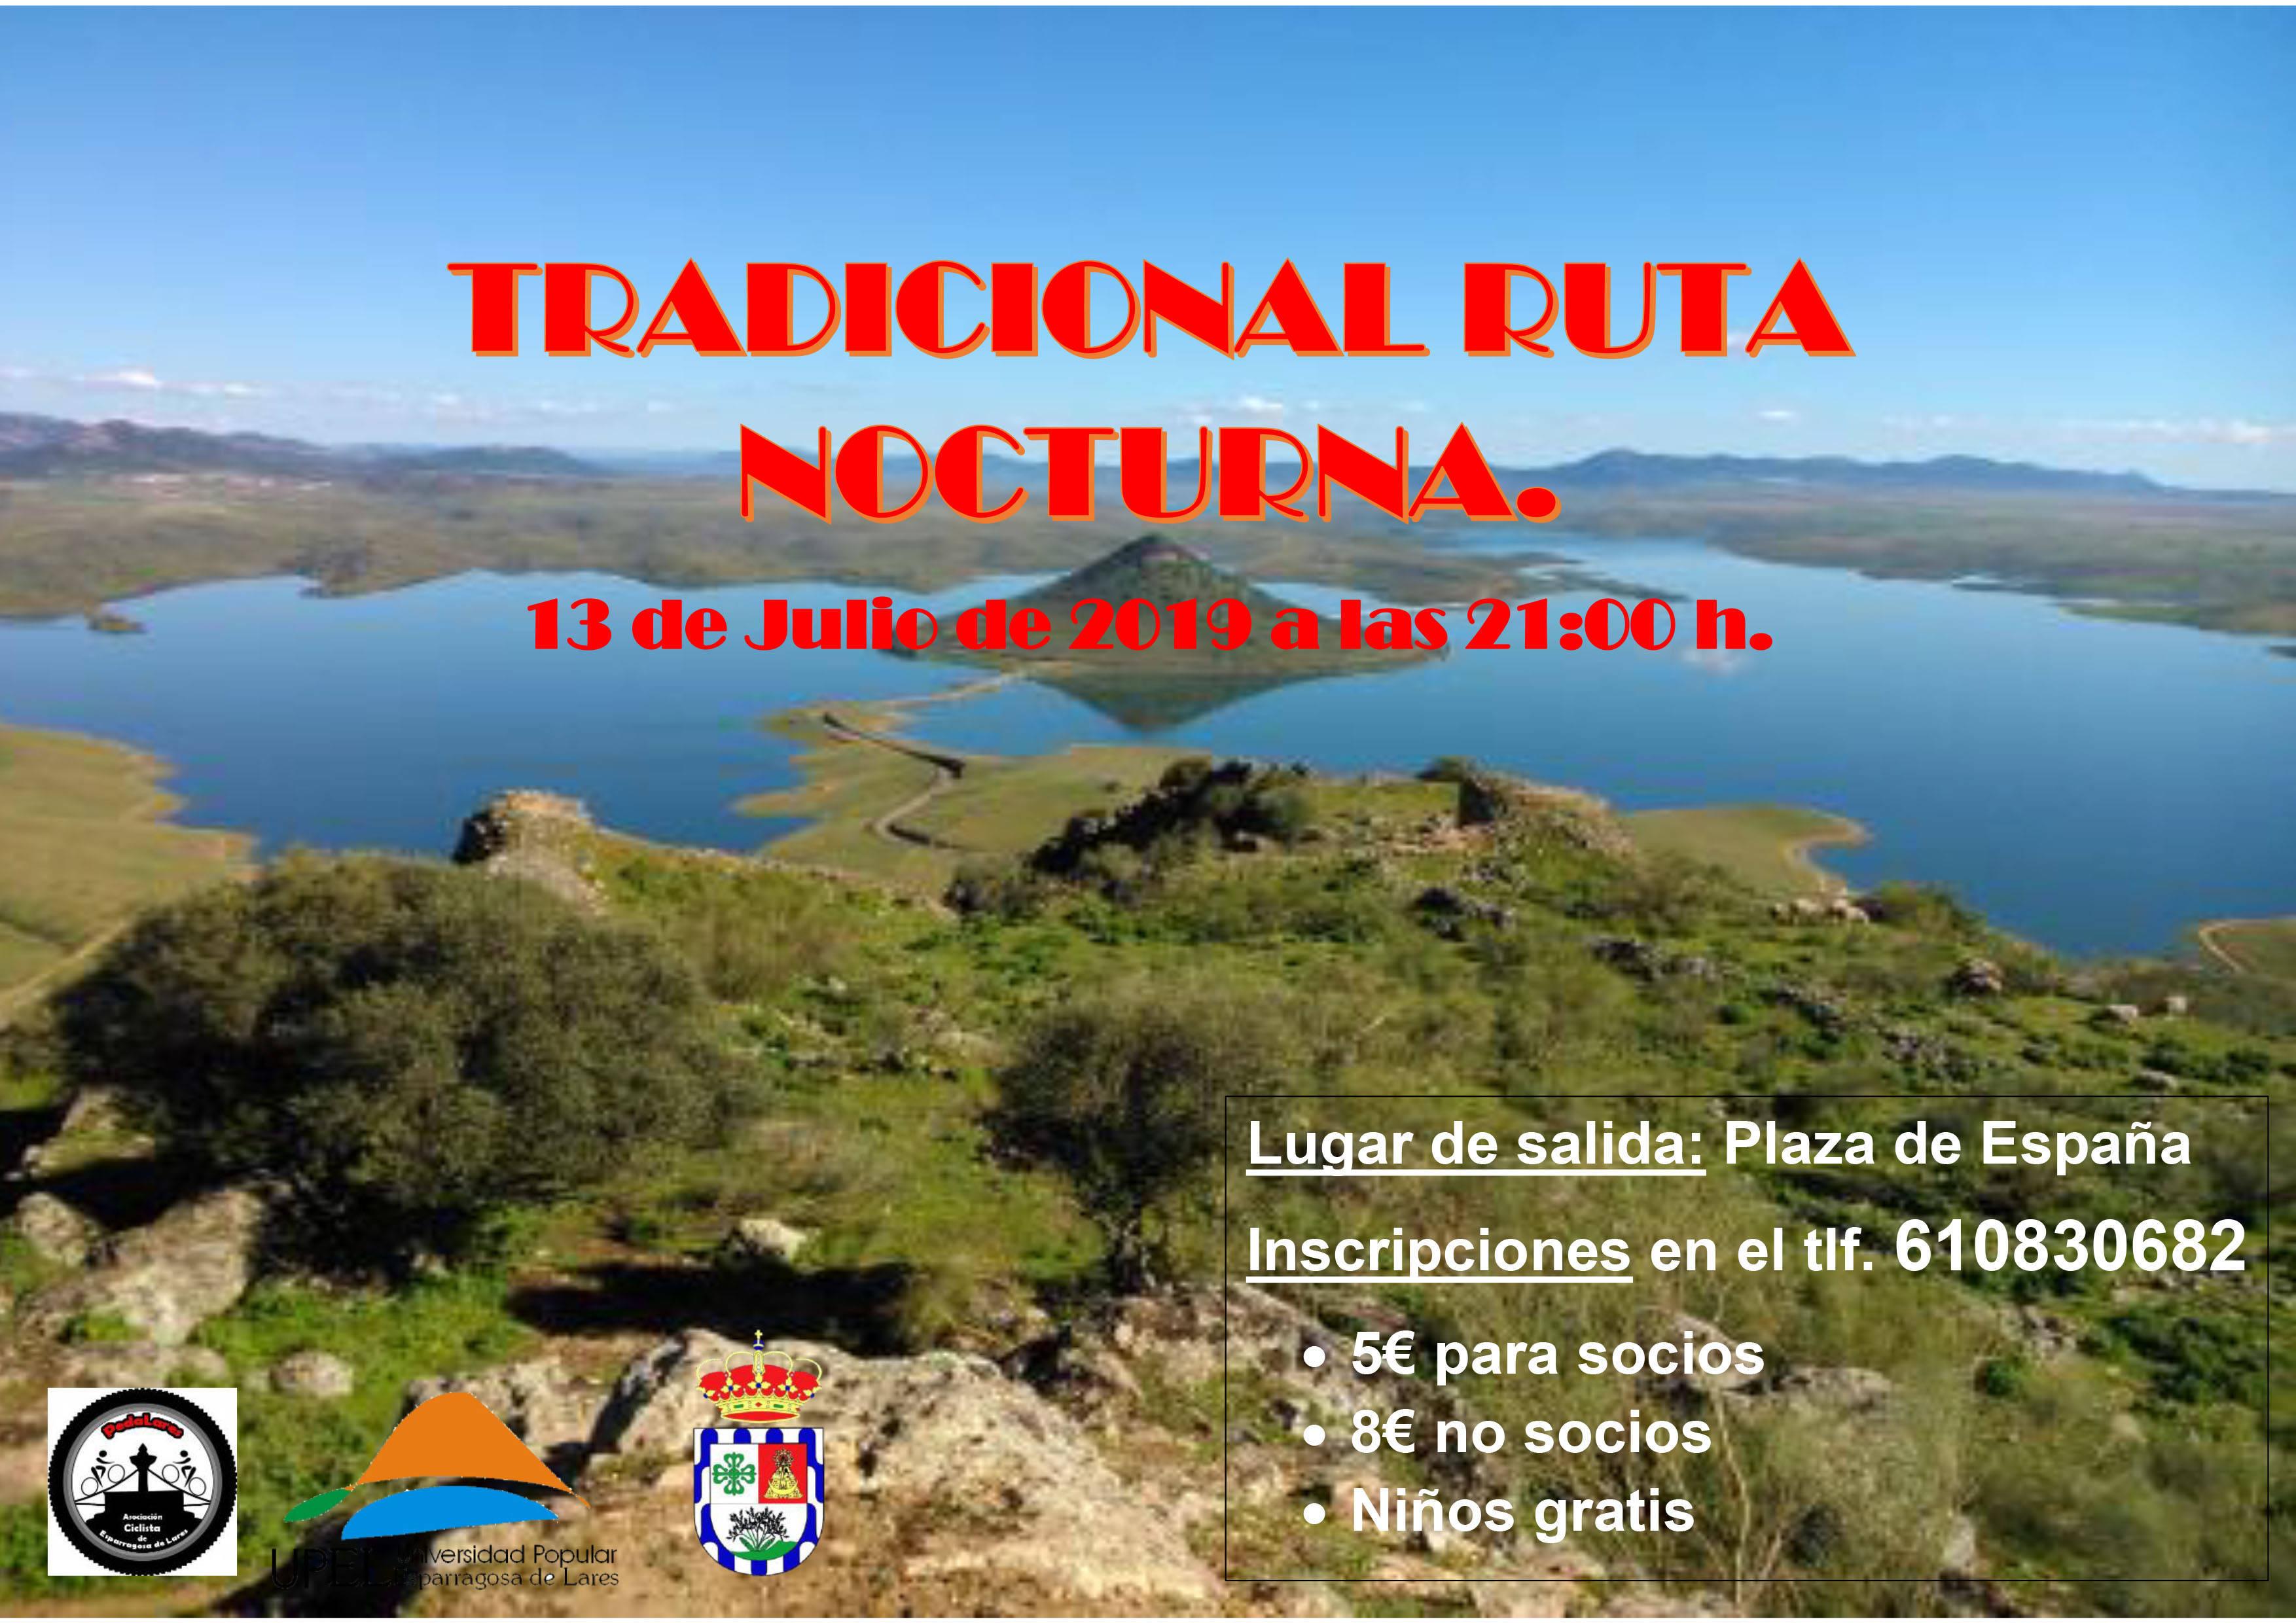 Tradicional ruta nocturna 2019 - Esparragosa de Lares (Badajoz)